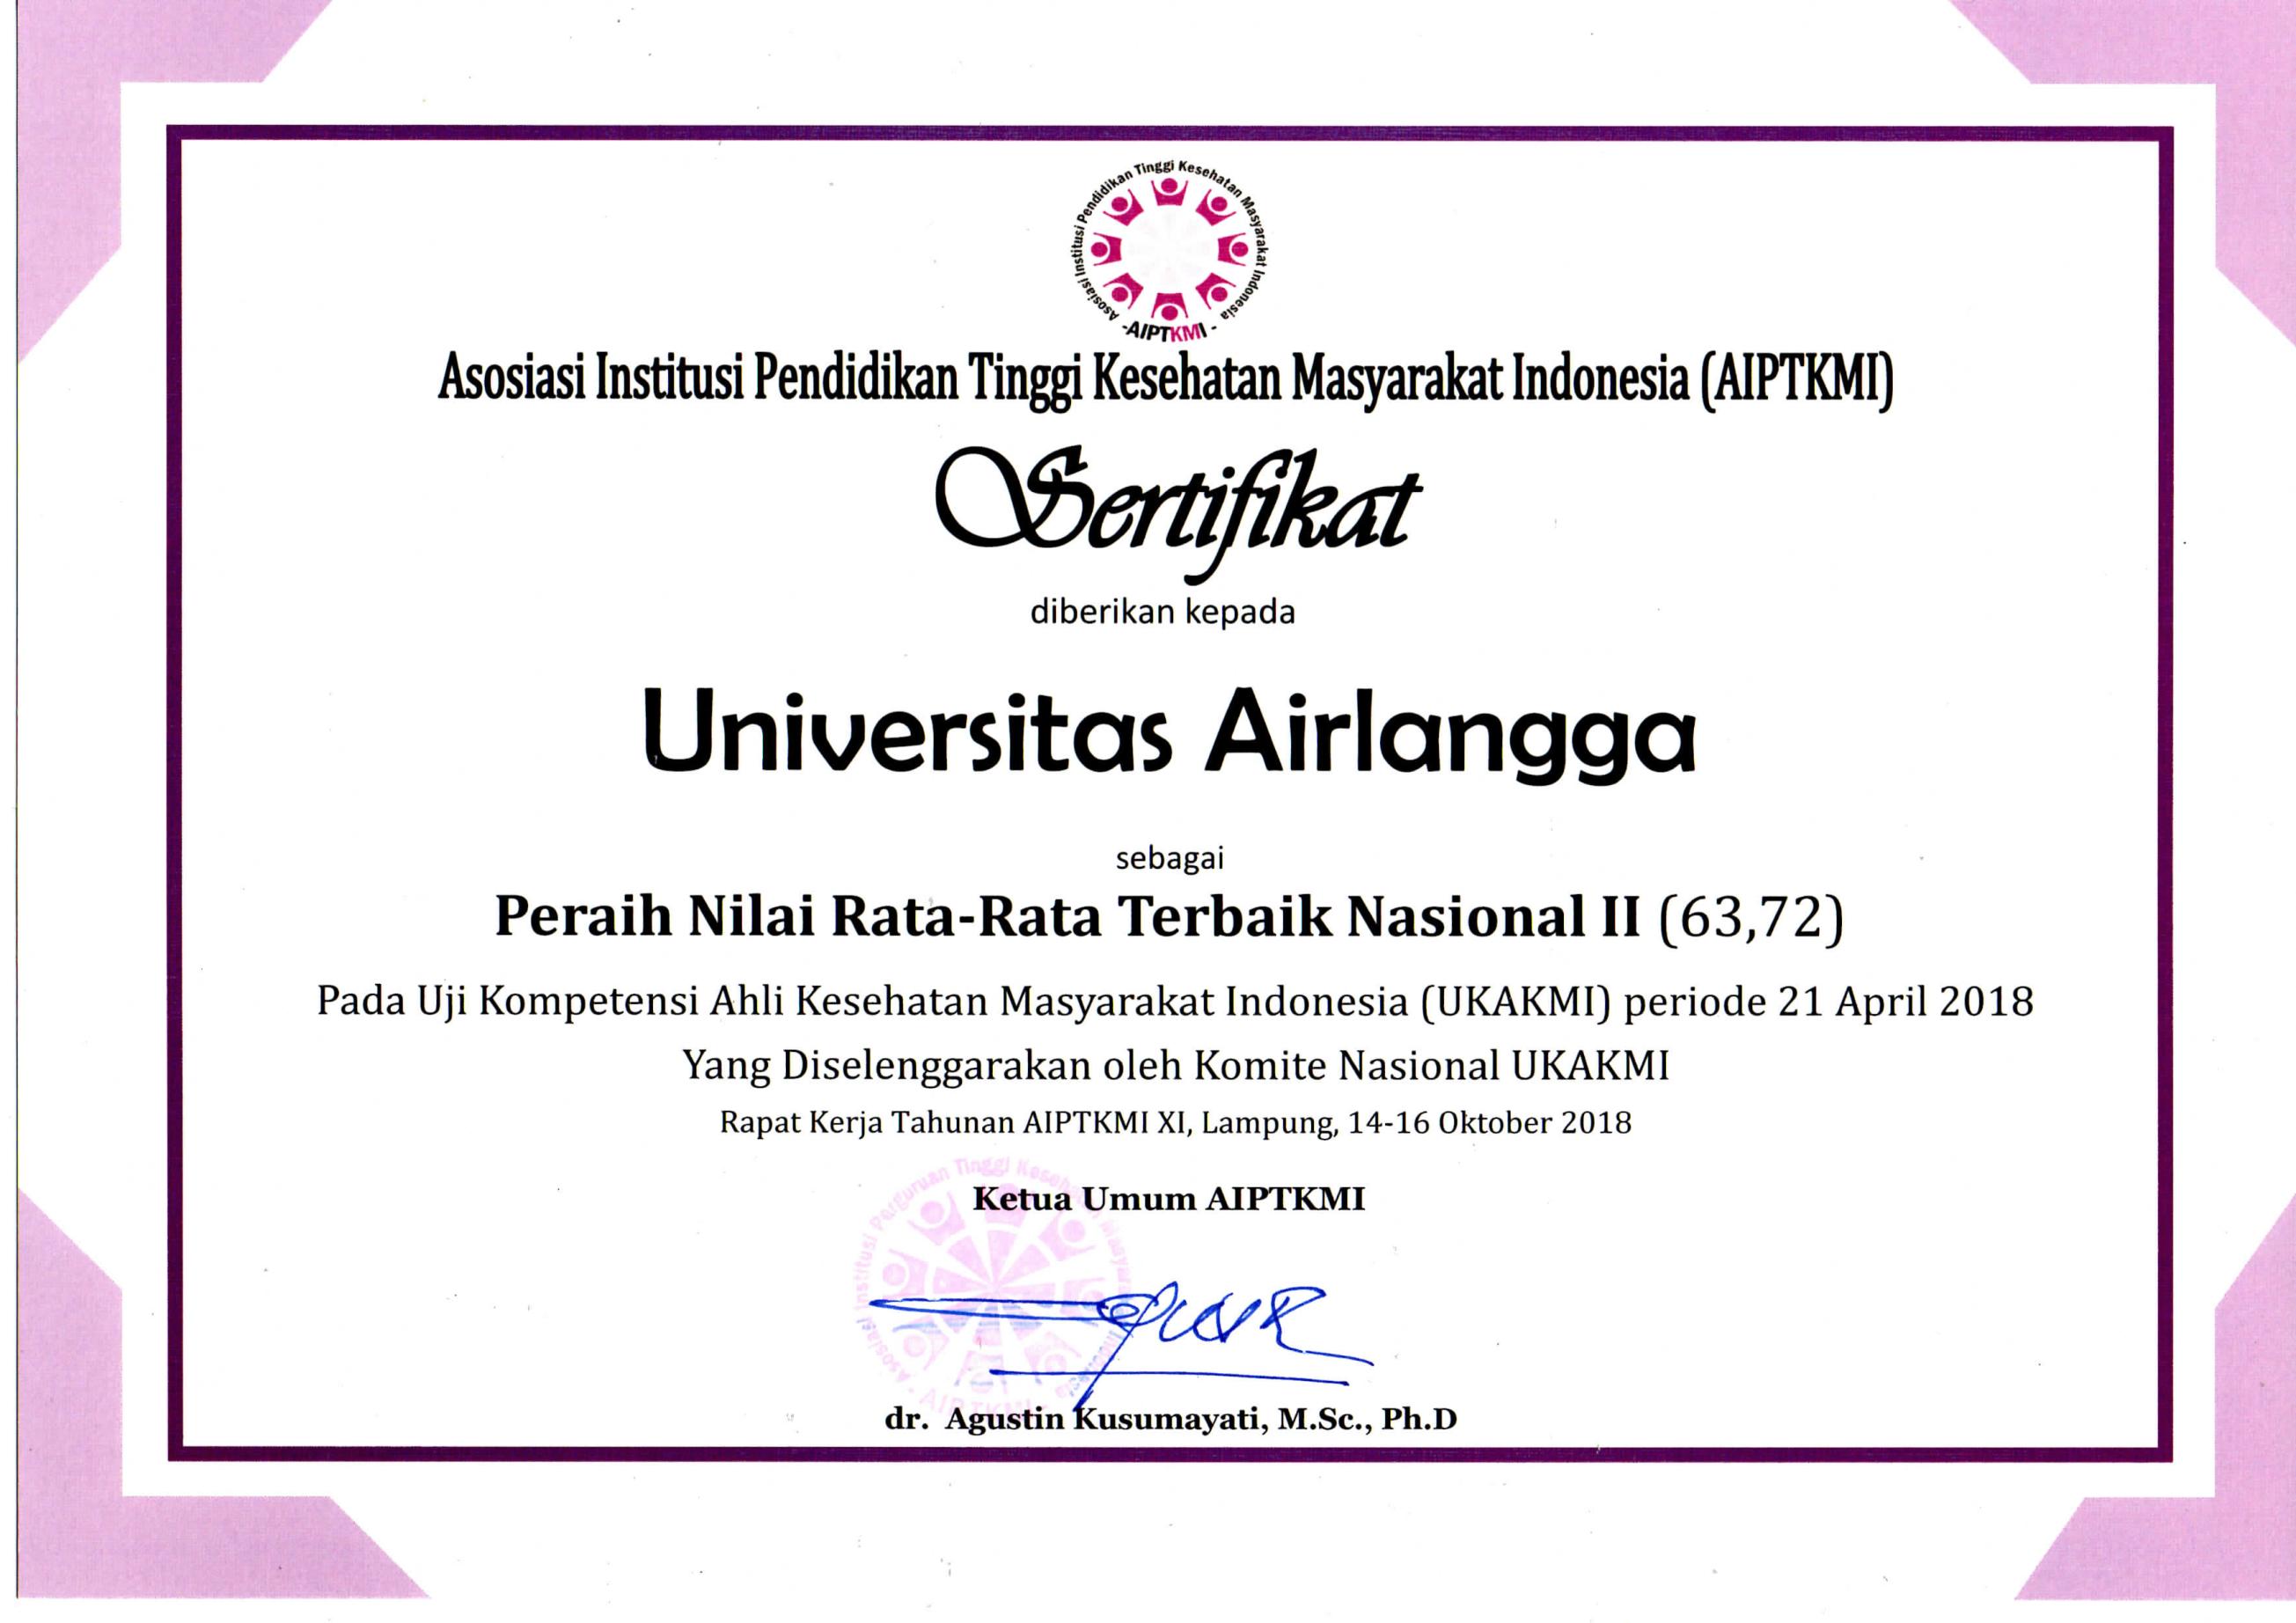 Universitas Airlangga Peraih Nilai Tertinggi Terbaik Nasional II